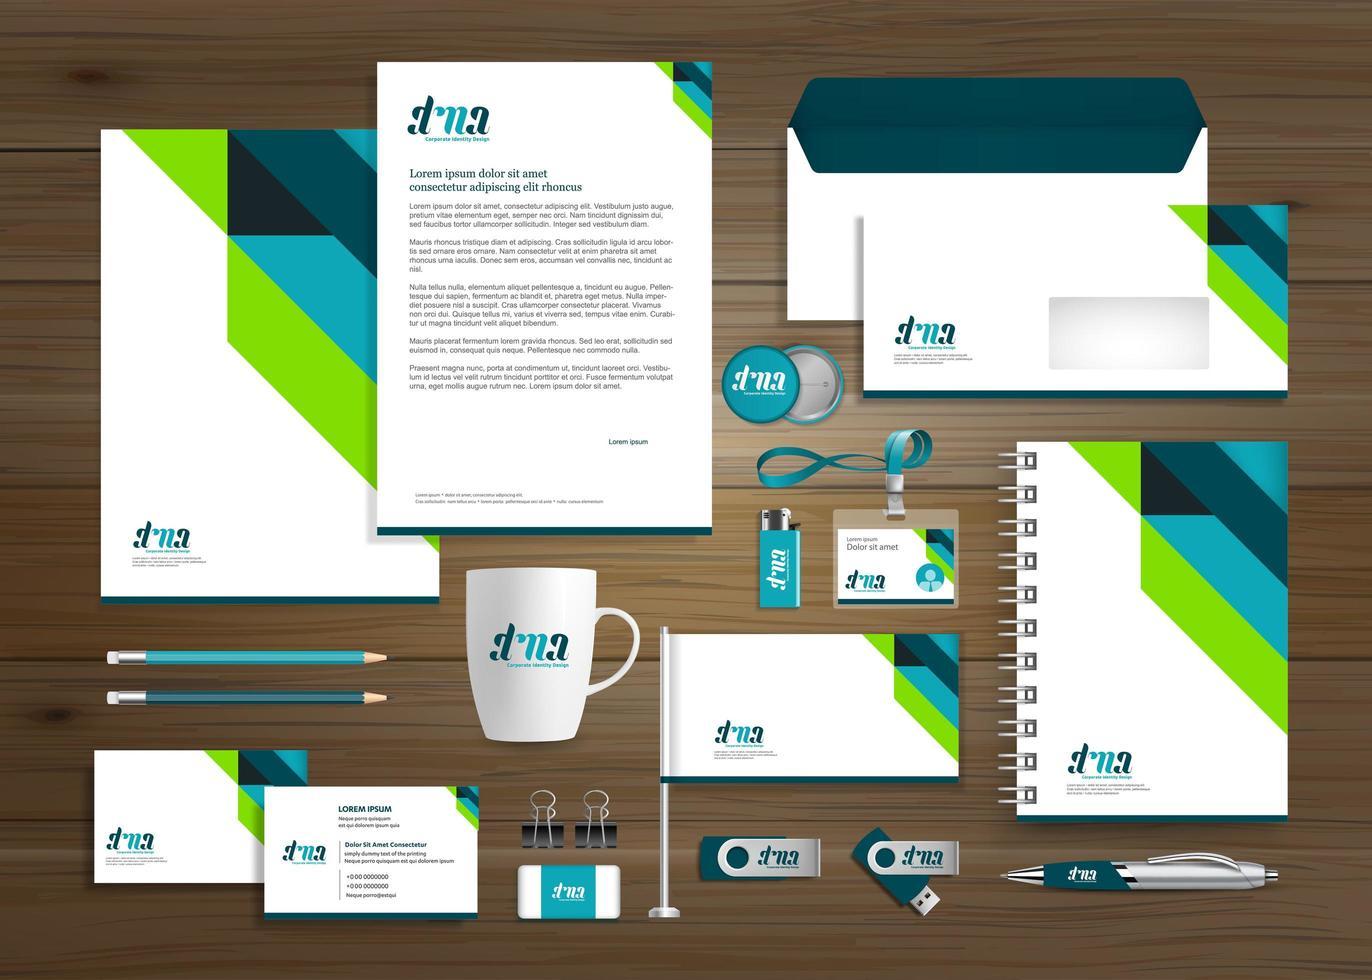 plantilla corporativa de identidad empresarial verde y azul vector